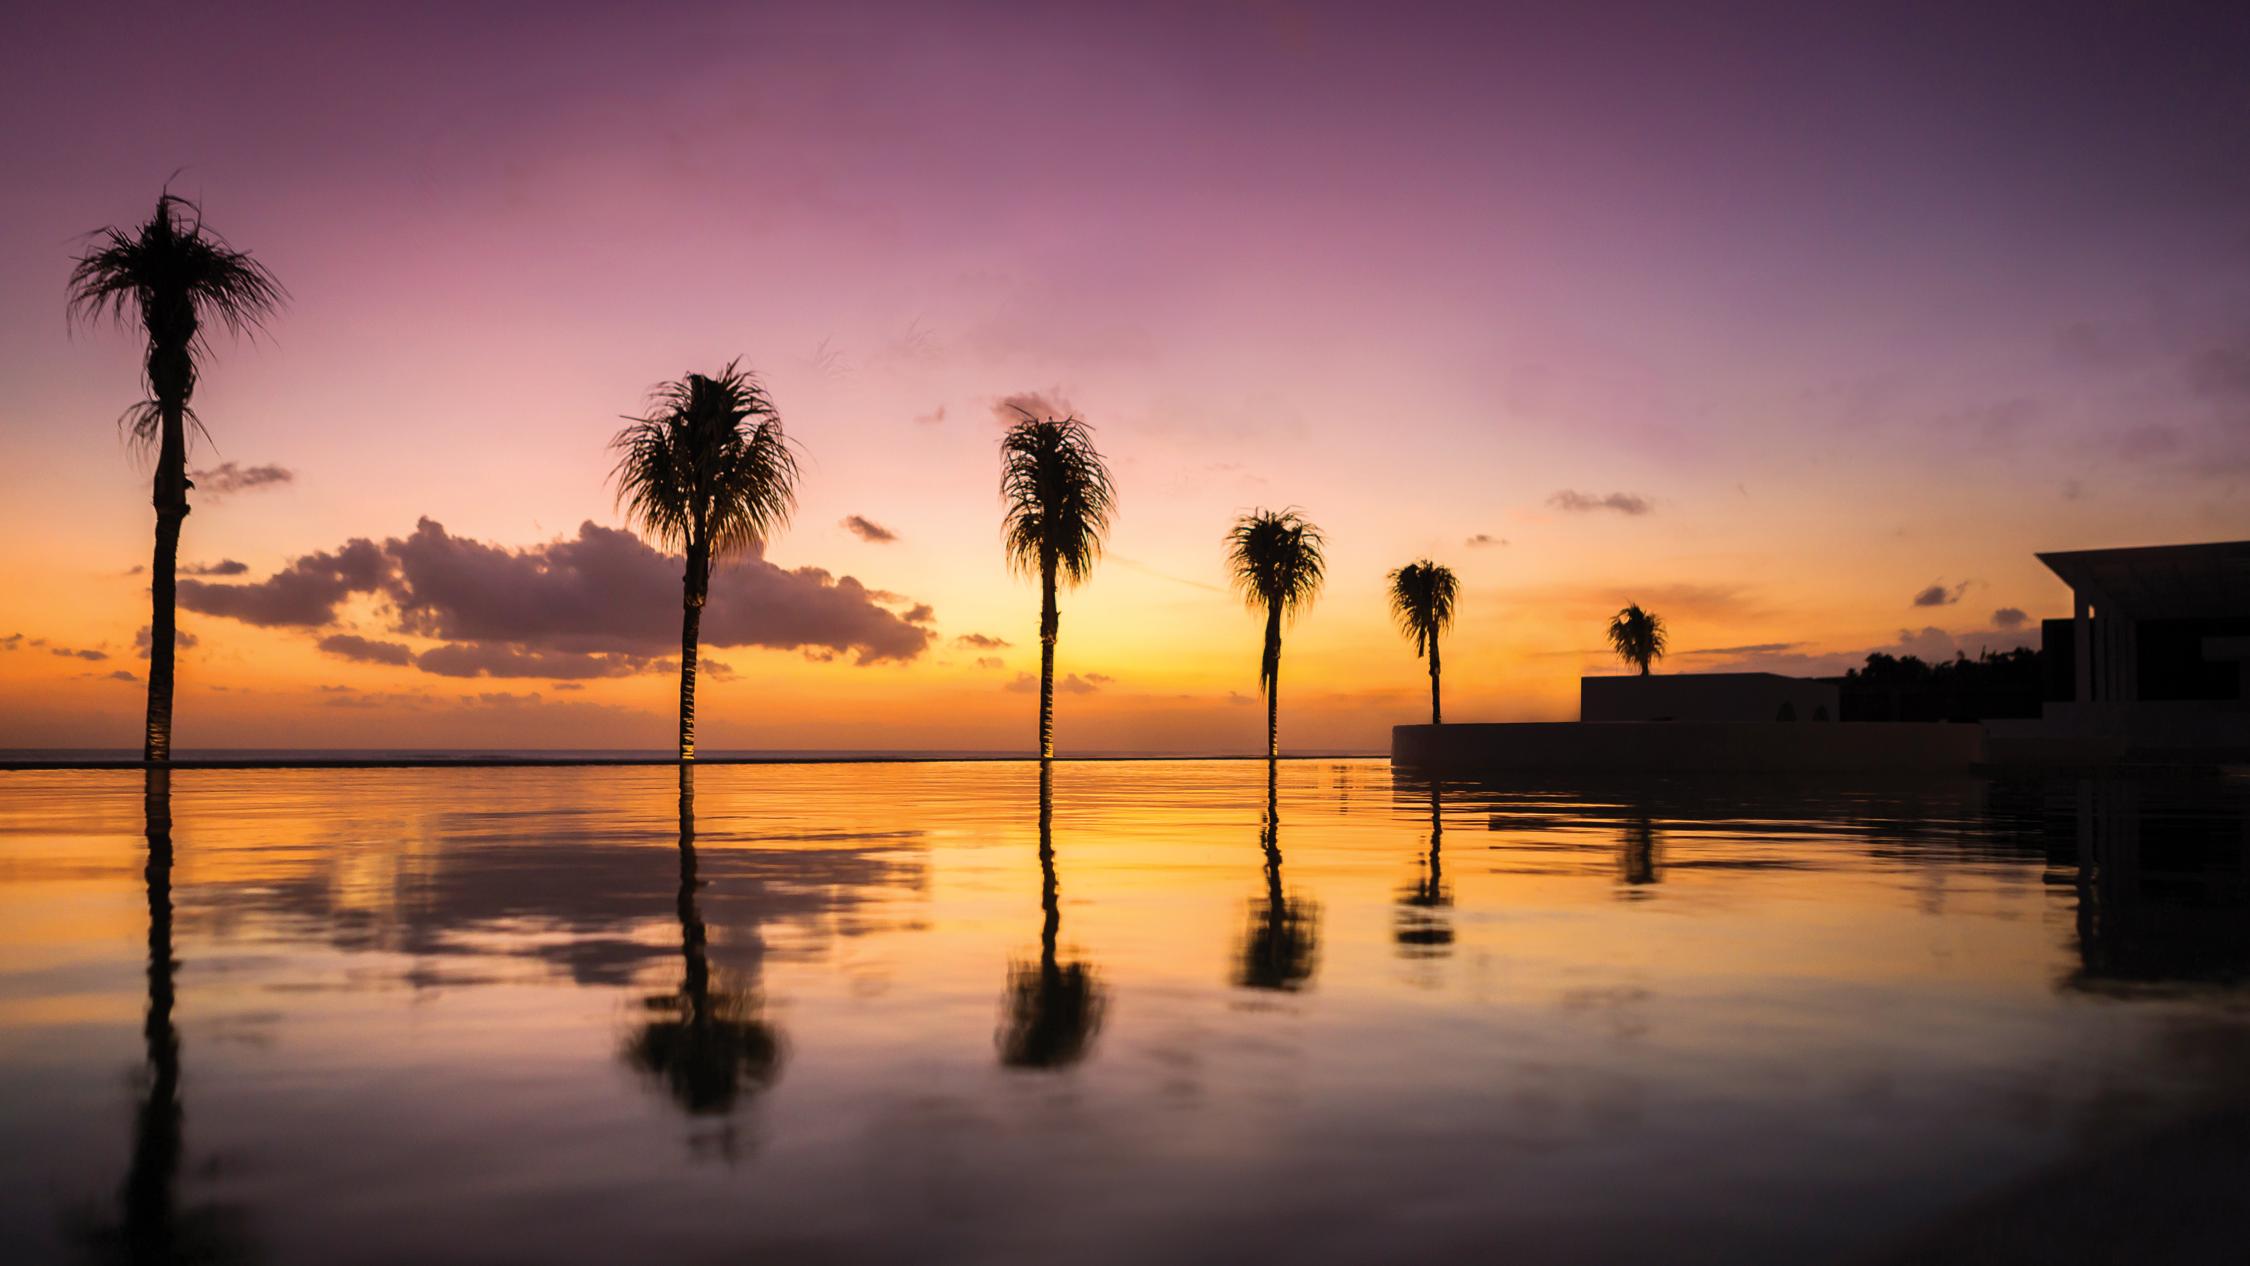 Café del Mar is bringing Ibiza to Bali with a sprawling new beach club